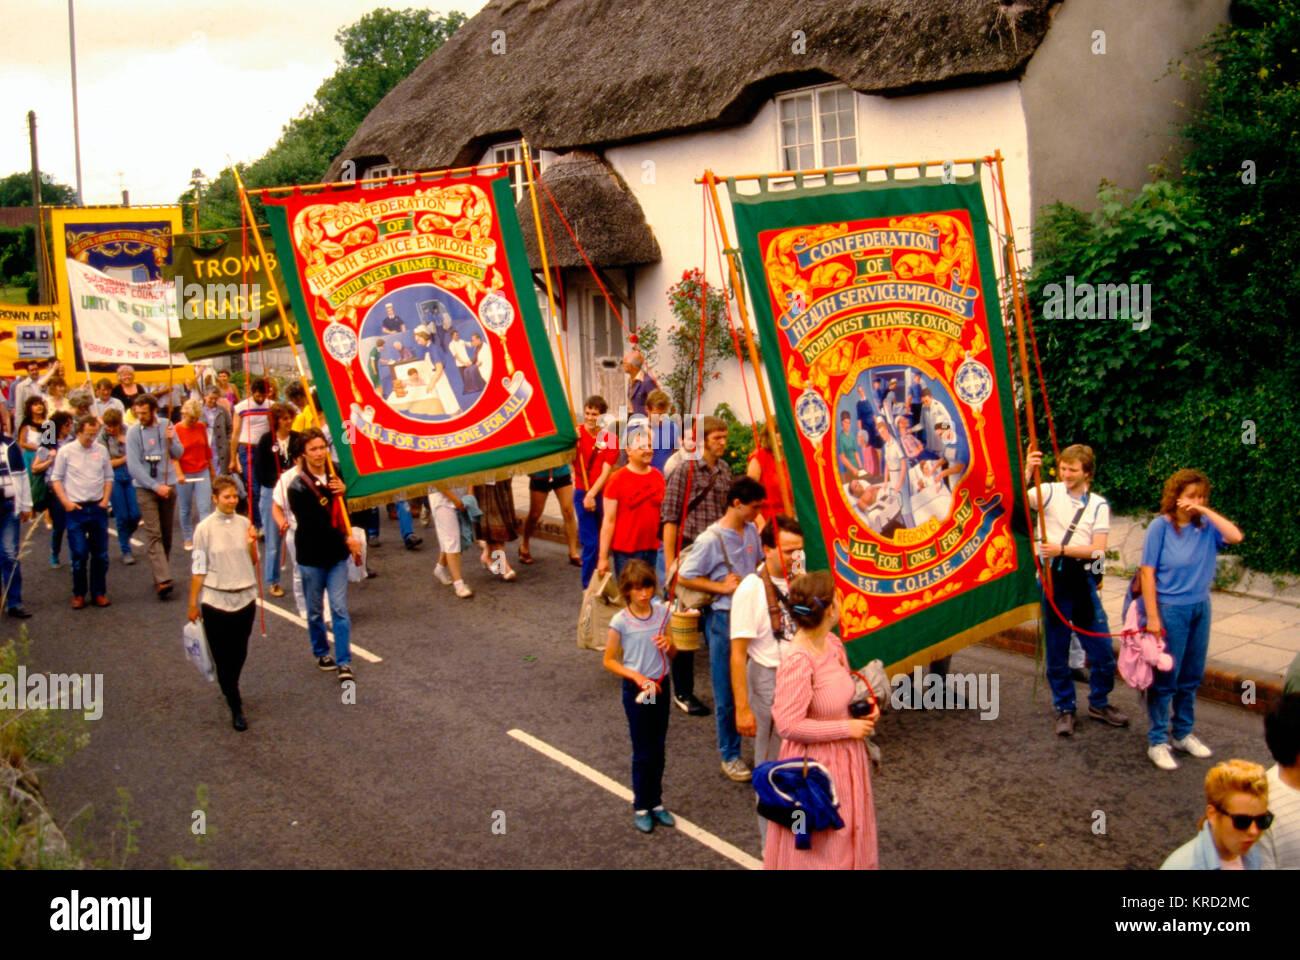 Le persone che hanno preso parte al Rally Tolpuddle Festival, Dorset, un evento annuale che commemora il Tolpuddle Immagini Stock